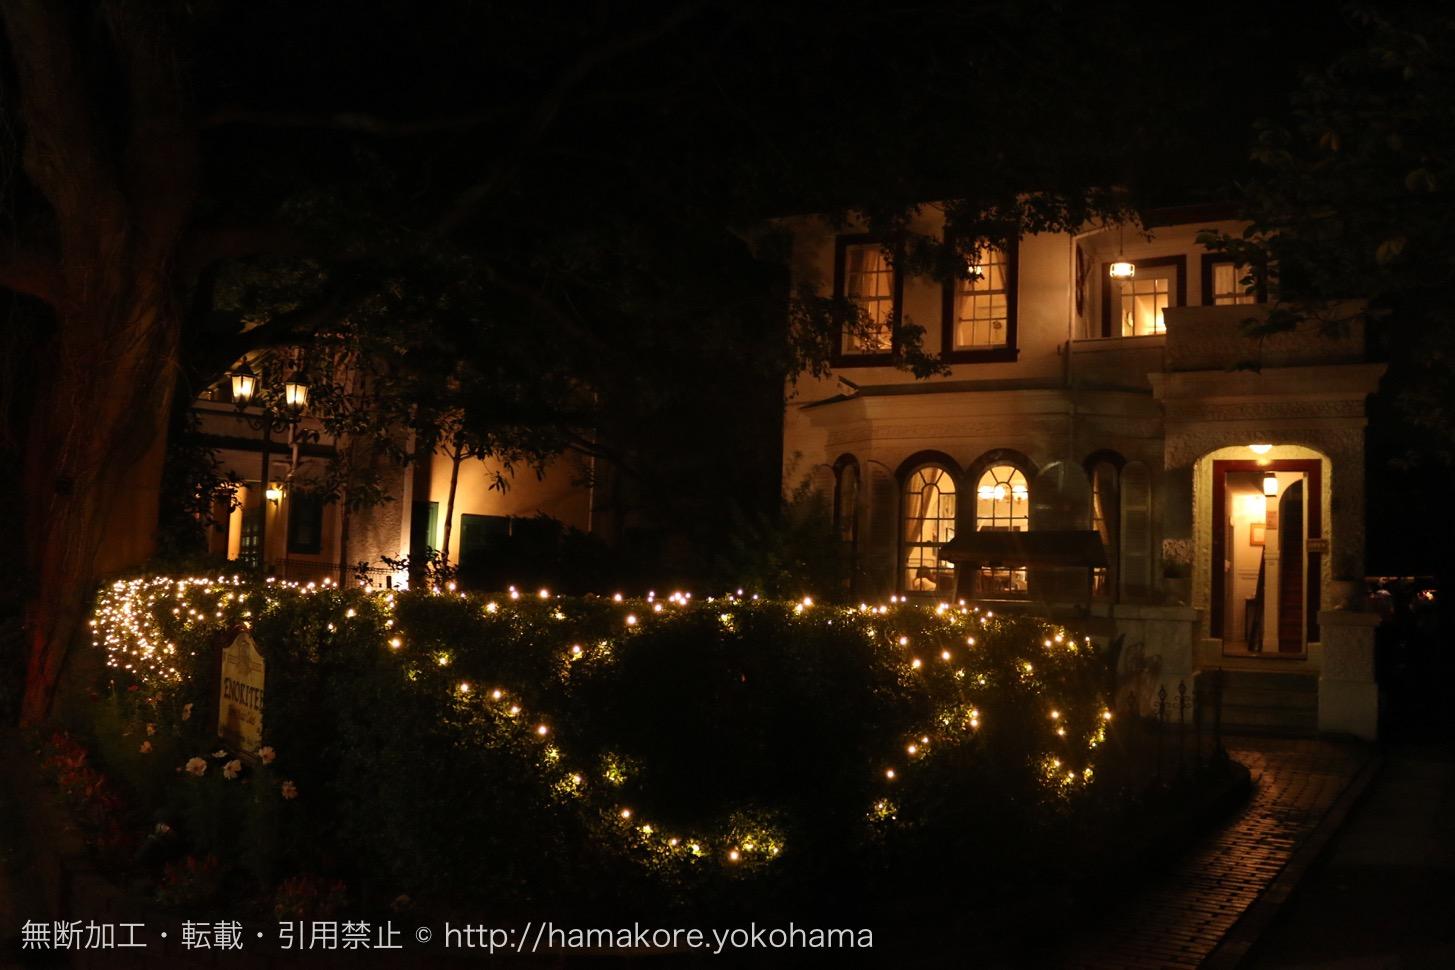 えの木てい 夜のライトアップの様子